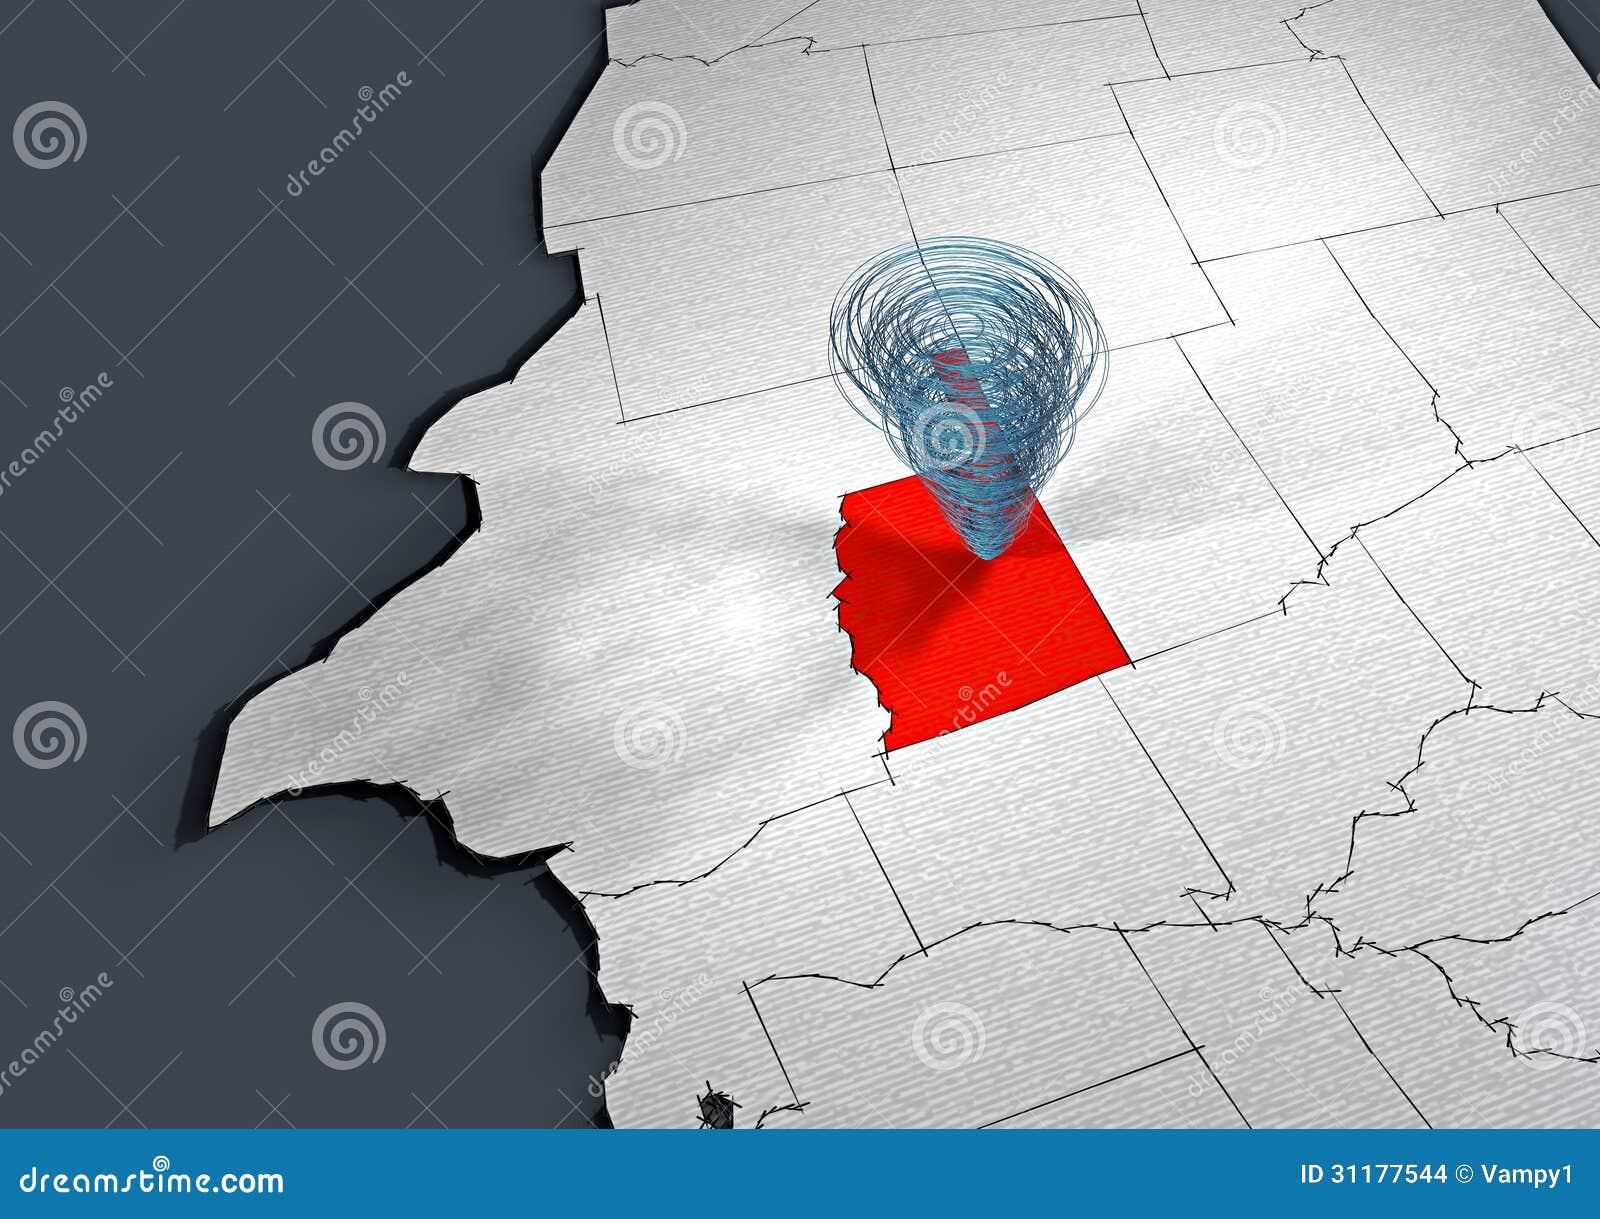 oklahoma tornado stock images image 31177544 Printable Tornado Shelter Signs Tornado Shelter Sign Clip Art